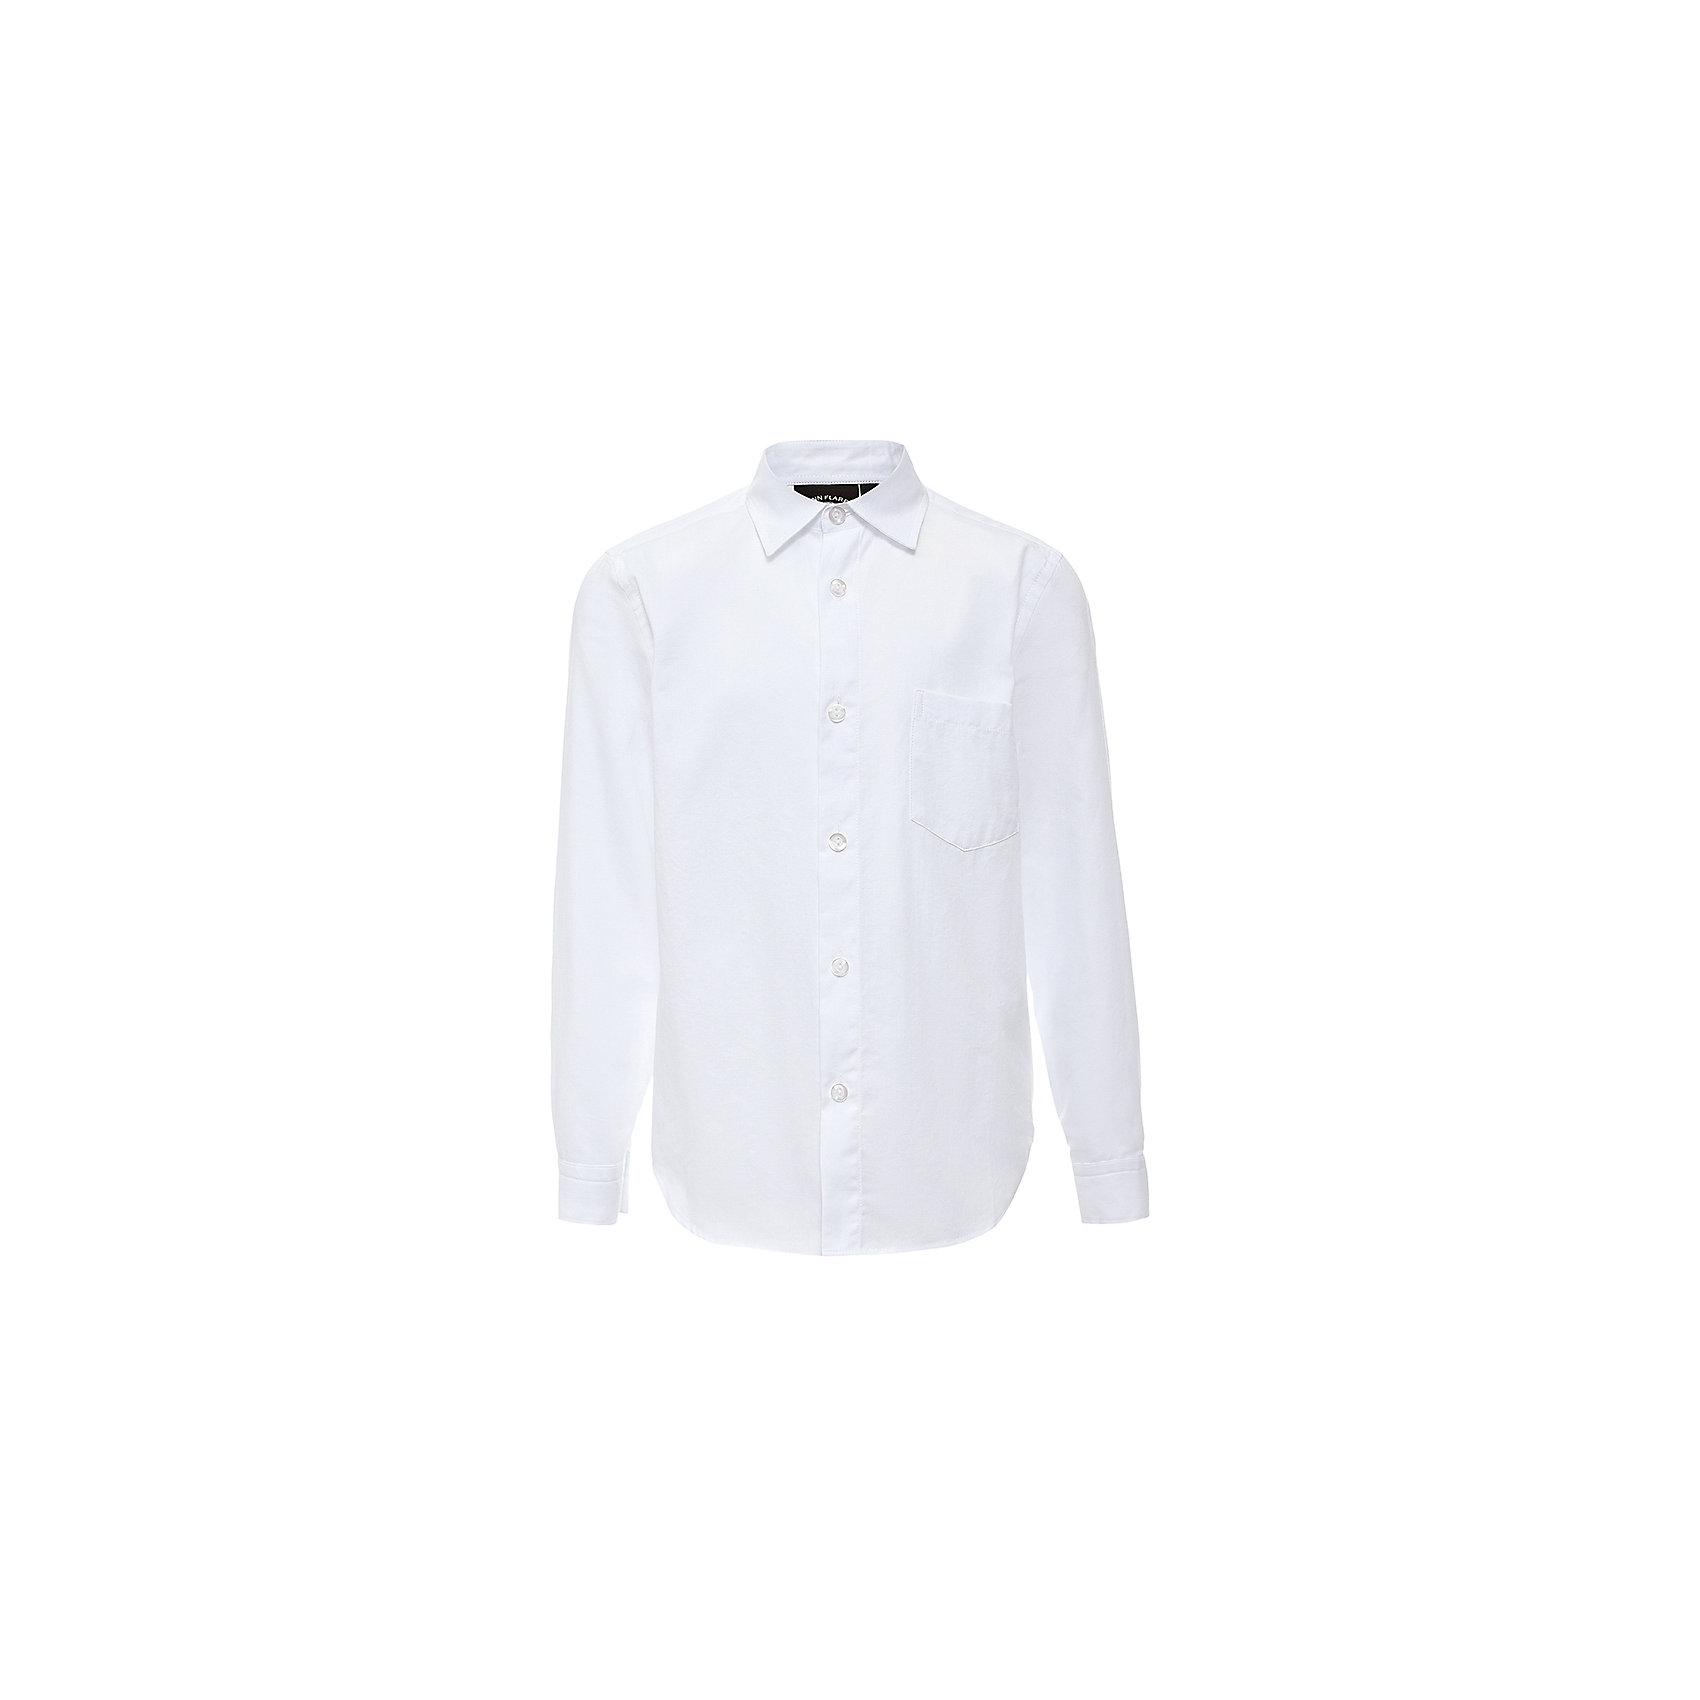 Рубашка для мальчика Finn FlareРубашка для мальчика известной марки Finn Flare.<br><br>Школьная рубашка для мальчика предназначена для повседневной носки. Рубашка сочетается с брюками и джинсами, наверх можно надеть джемпер. Рубашка застегивается на пуговицы, есть манжеты на пуговицах и нагрудный карман. Рубашка легко стирается и гладится, полностью хлопковая, приятная к телу. <br><br>Фактура материала: Текстильный<br>Вид застежки: Пуговицы<br>Длина рукава: Длинные<br>Тип карманов: Накладные<br><br>Состав: 100% хлопок<br><br>Рубашку для мальчика Finn Flare можно купить в нашем интернет-магазине.<br><br>Ширина мм: 174<br>Глубина мм: 10<br>Высота мм: 169<br>Вес г: 157<br>Цвет: белый<br>Возраст от месяцев: 132<br>Возраст до месяцев: 144<br>Пол: Мужской<br>Возраст: Детский<br>Размер: 152,146,140,134,128,122,116,158<br>SKU: 4890436